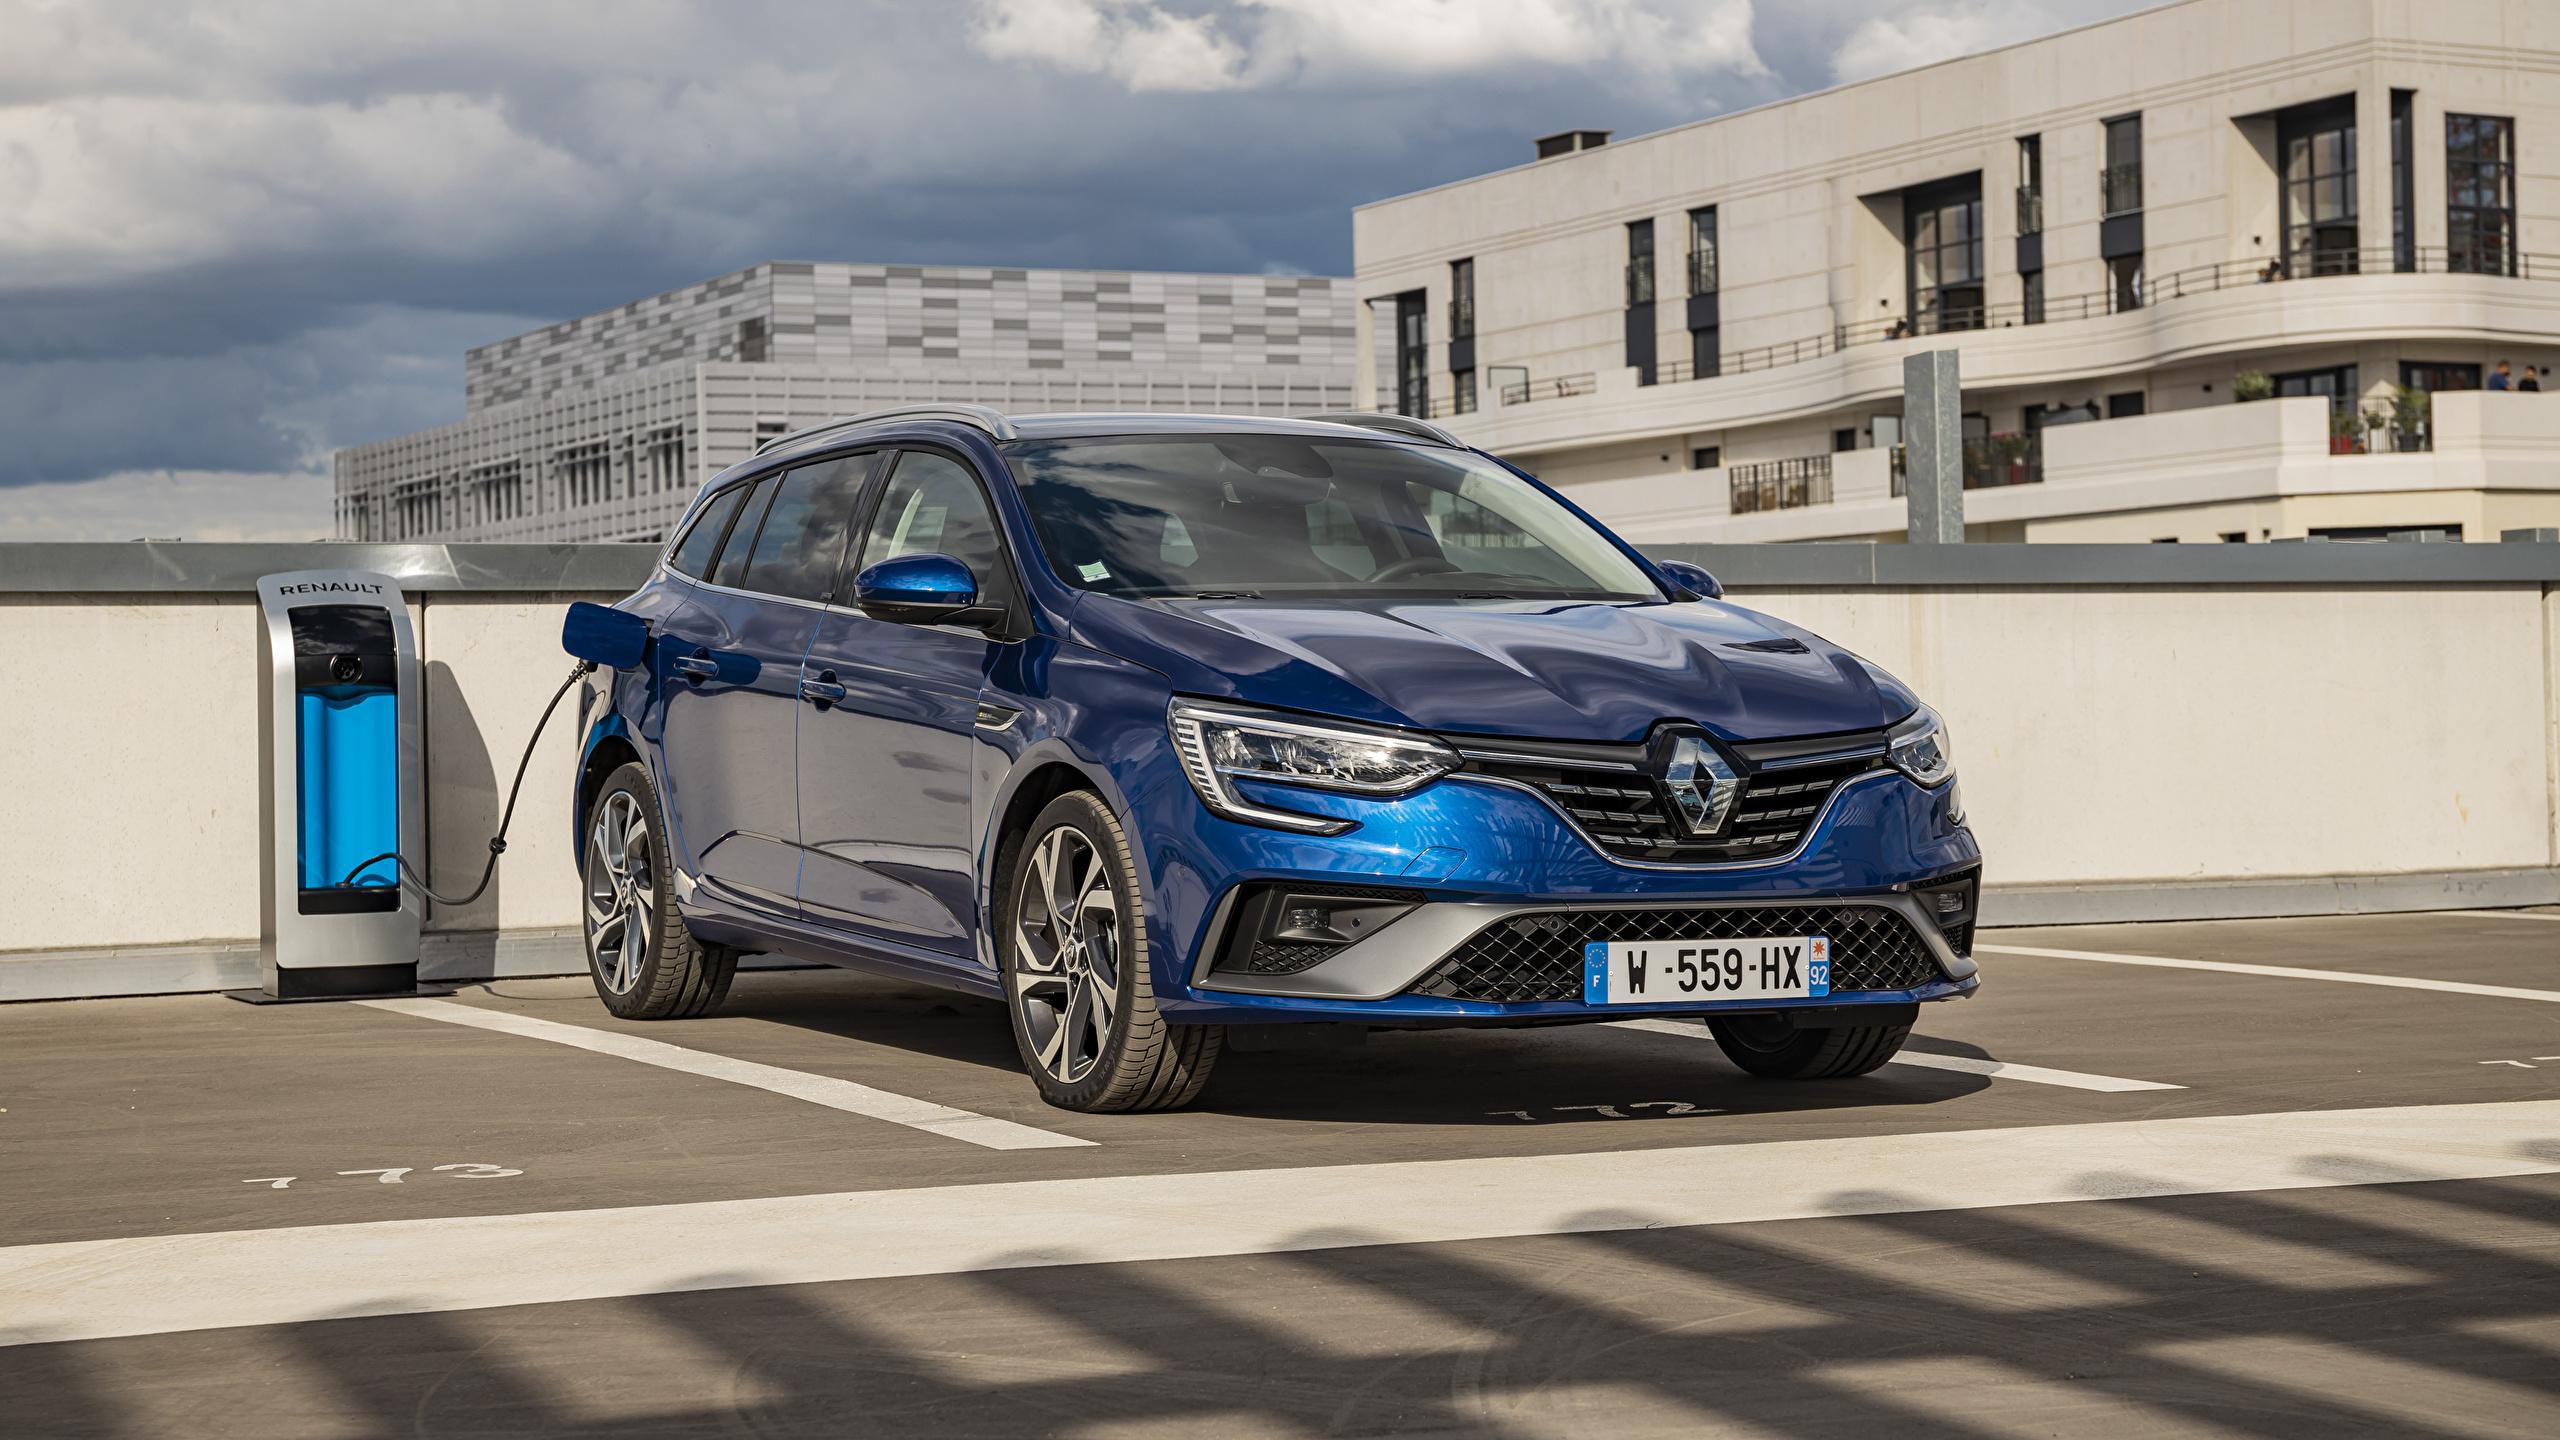 Bilder von Renault Parkplatz Hybrid Autos Blau Autos Metallisch 2560x1440 parken geparktes auto automobil